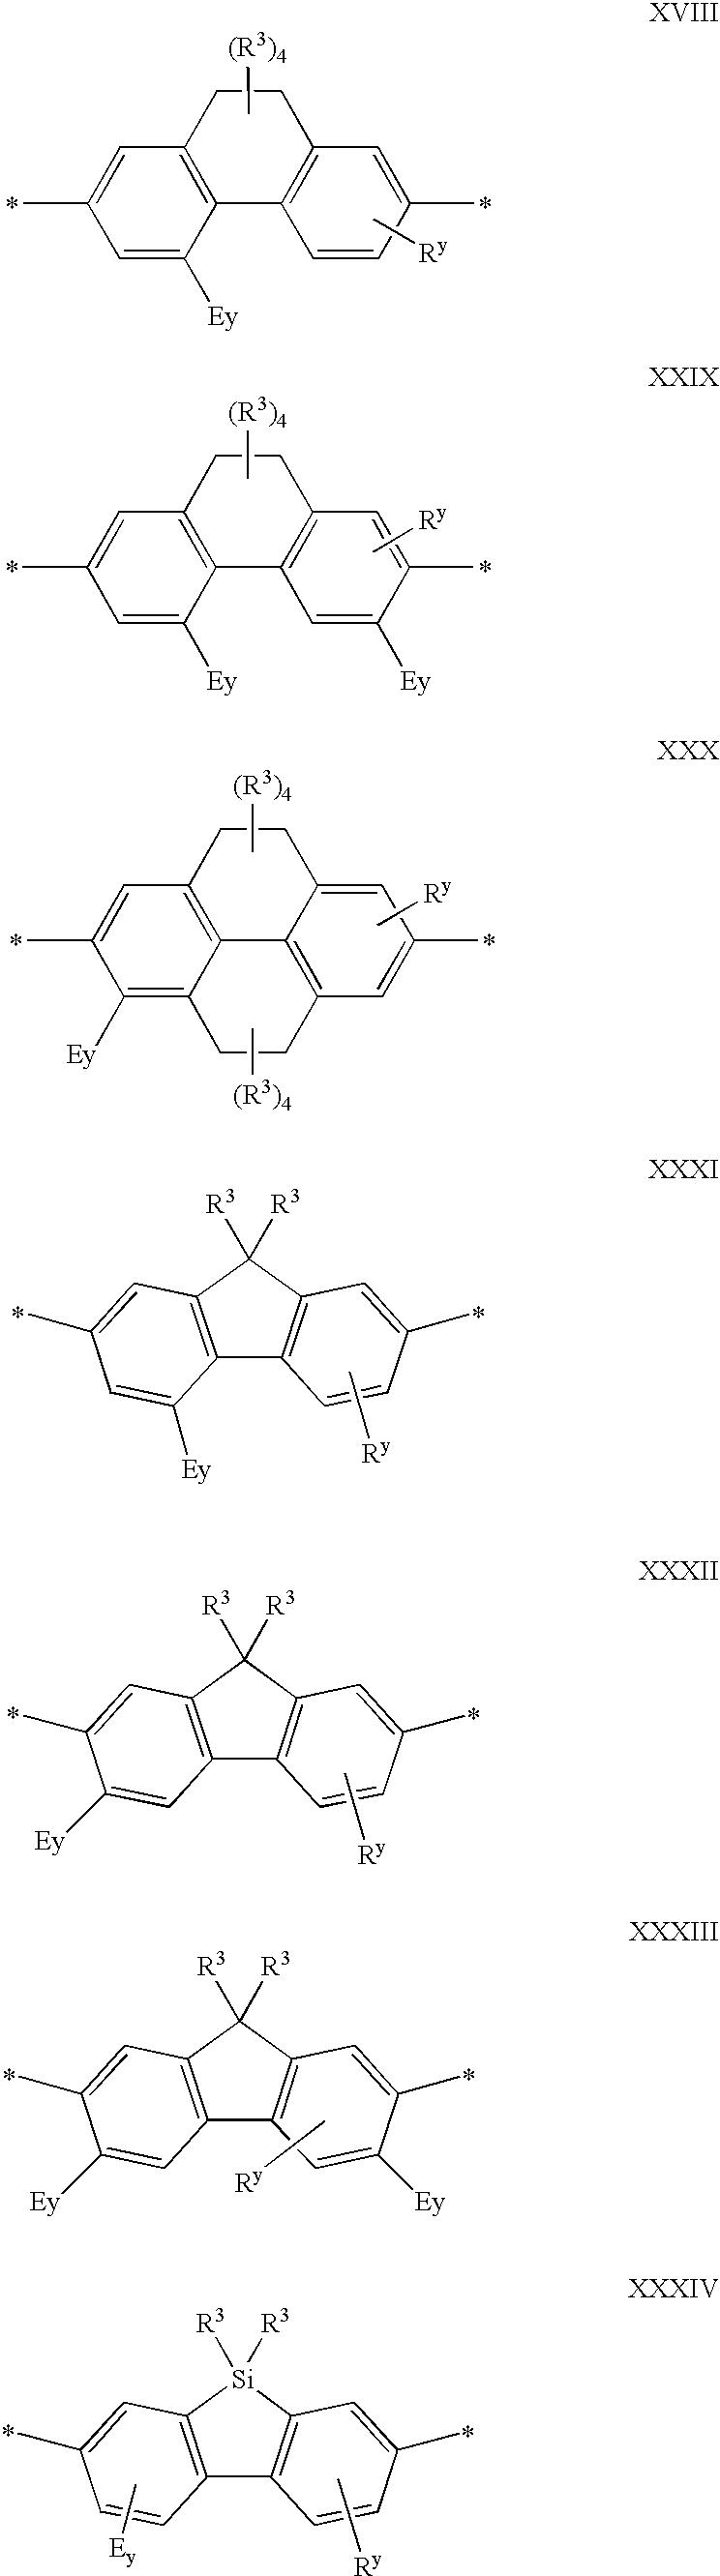 Figure US20040062930A1-20040401-C00008